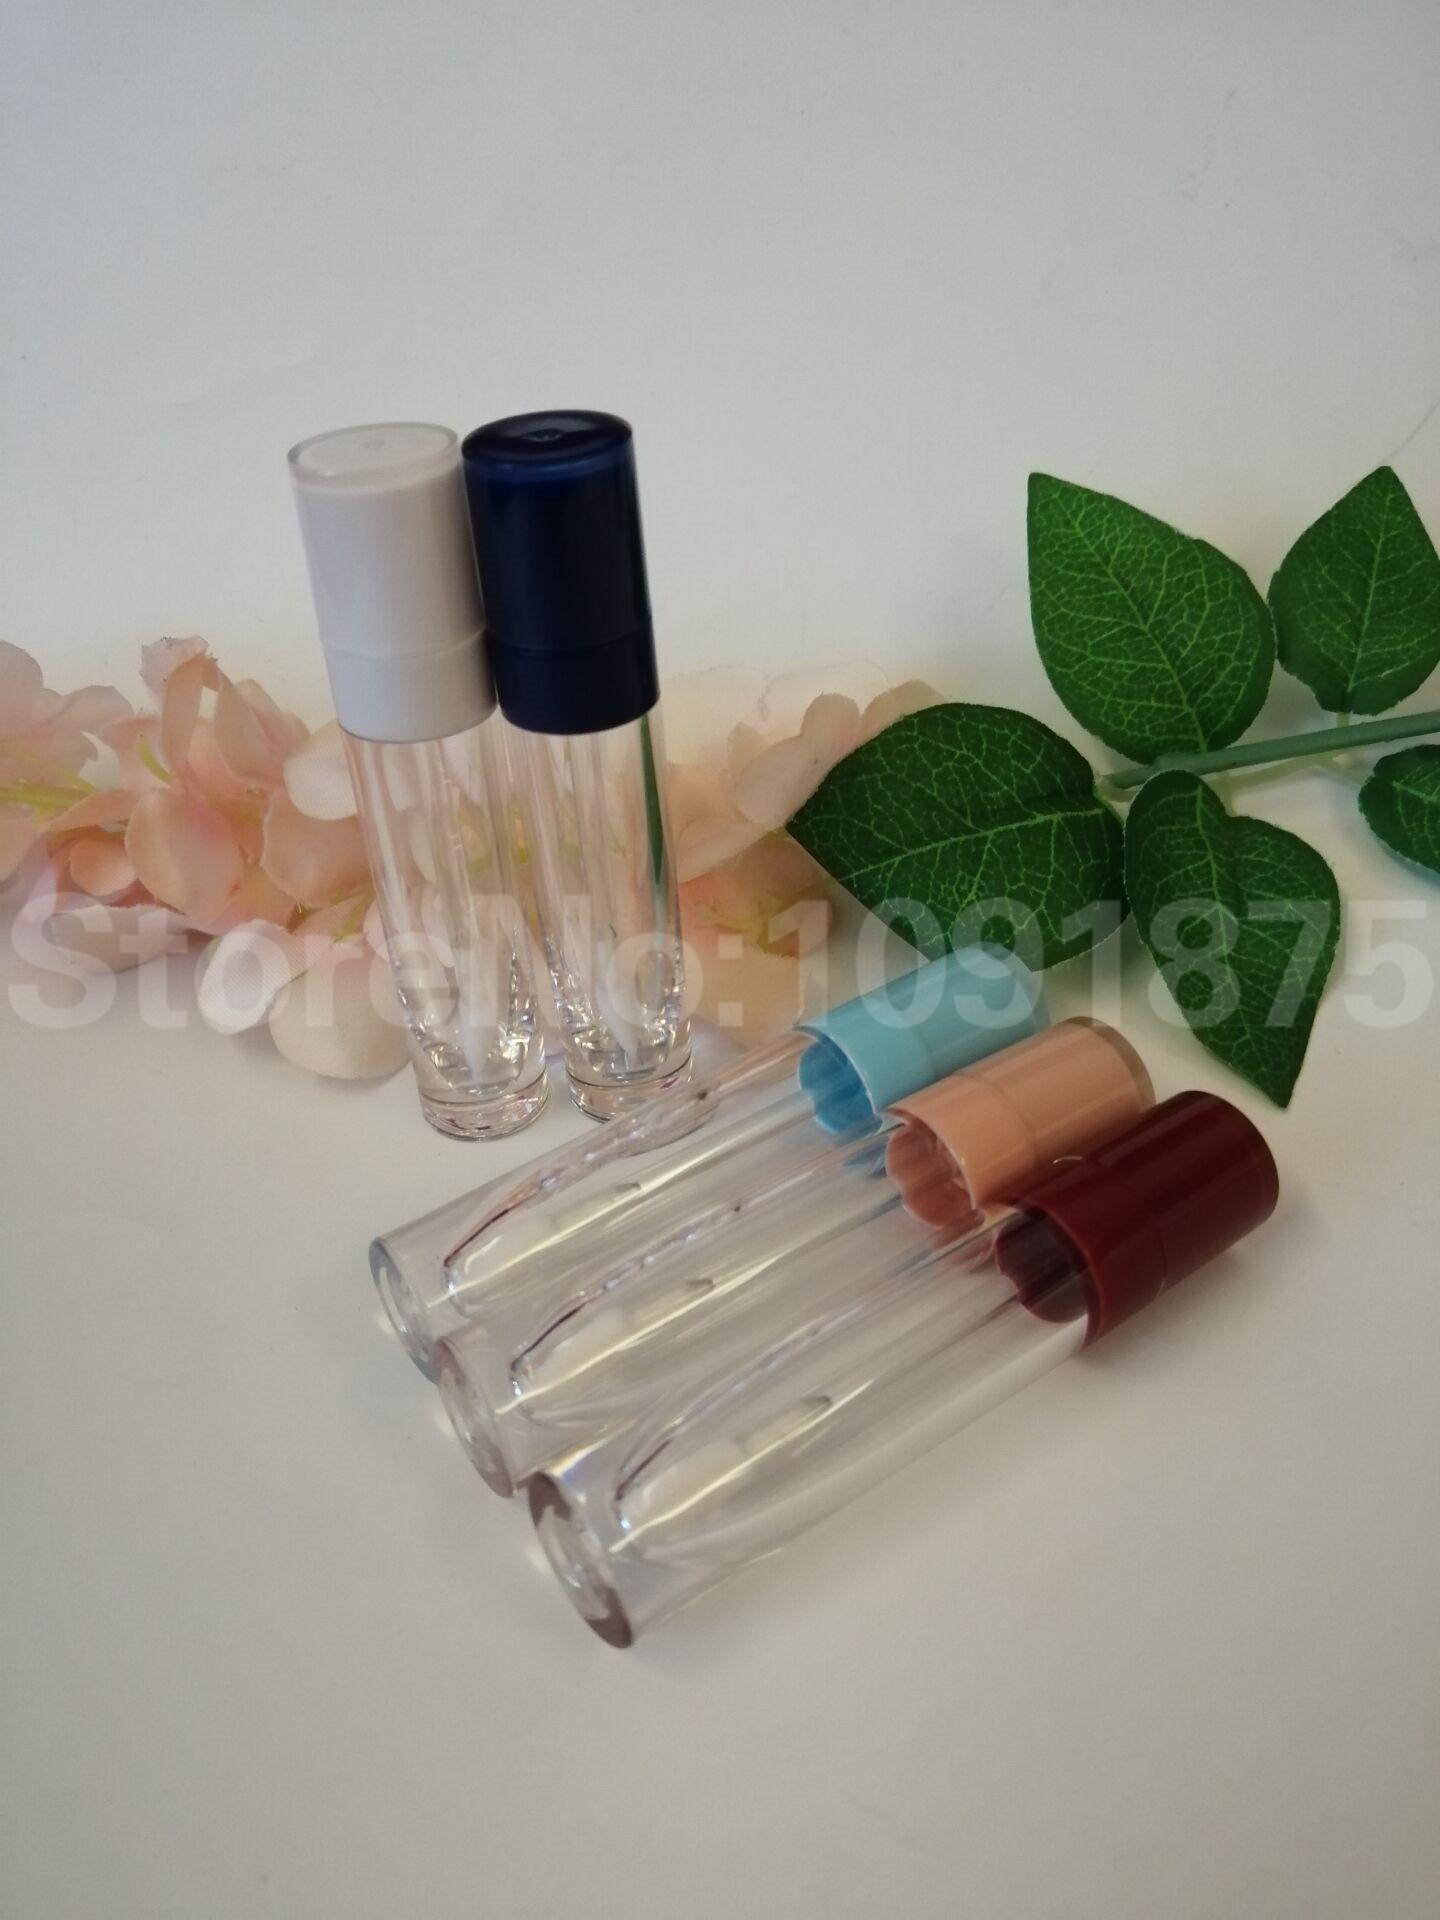 50шт 7ml 8ml Пустого блеск для губ трубки Clear для губ глазури бутылочки, DIY Перезаправляемого Макияжа Косметика контейнер упаковки